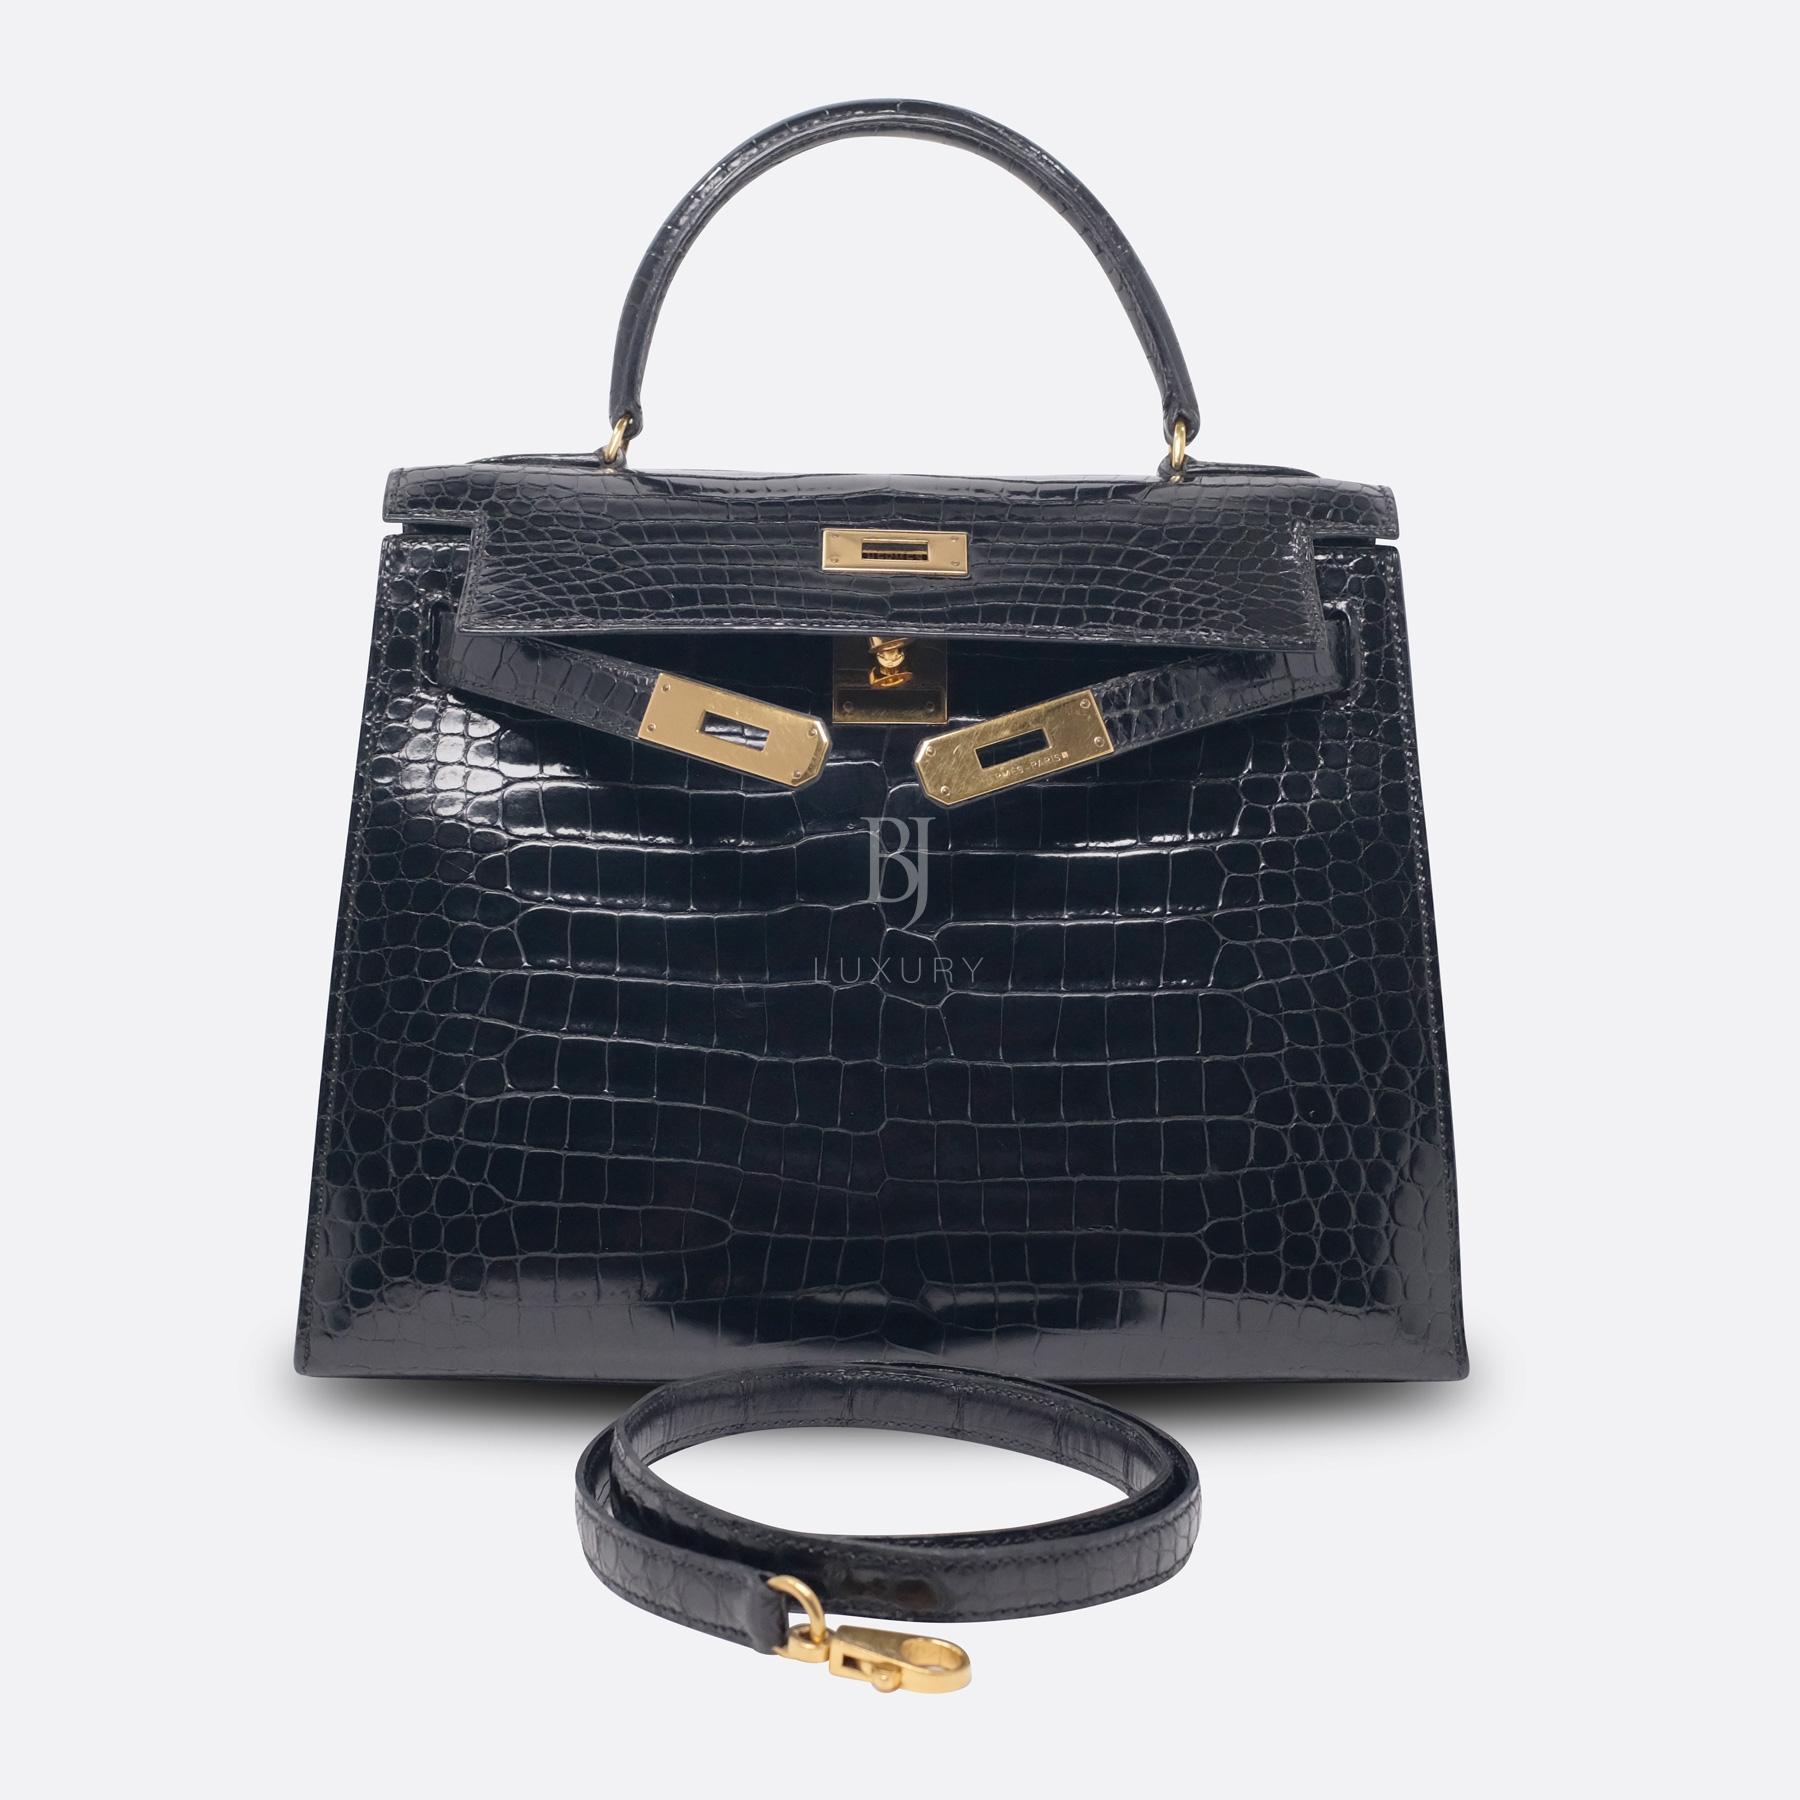 Hermes Kelly Sellier 28 Gold Black Porosus Crocodile BJ Luxury 21.jpg